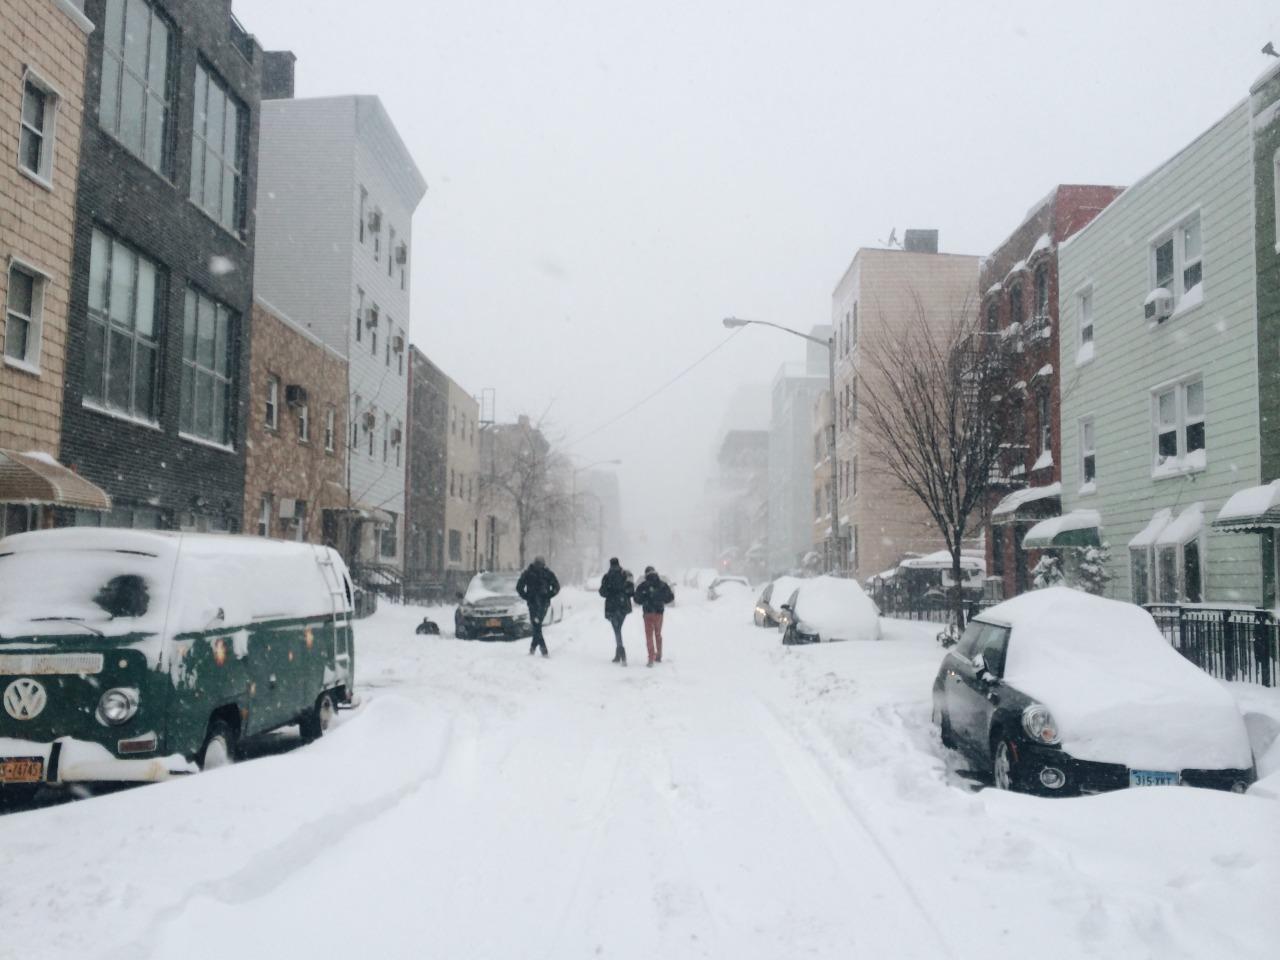 My name is #Jonas    #snowstormjonas  ️(at New York, New York)